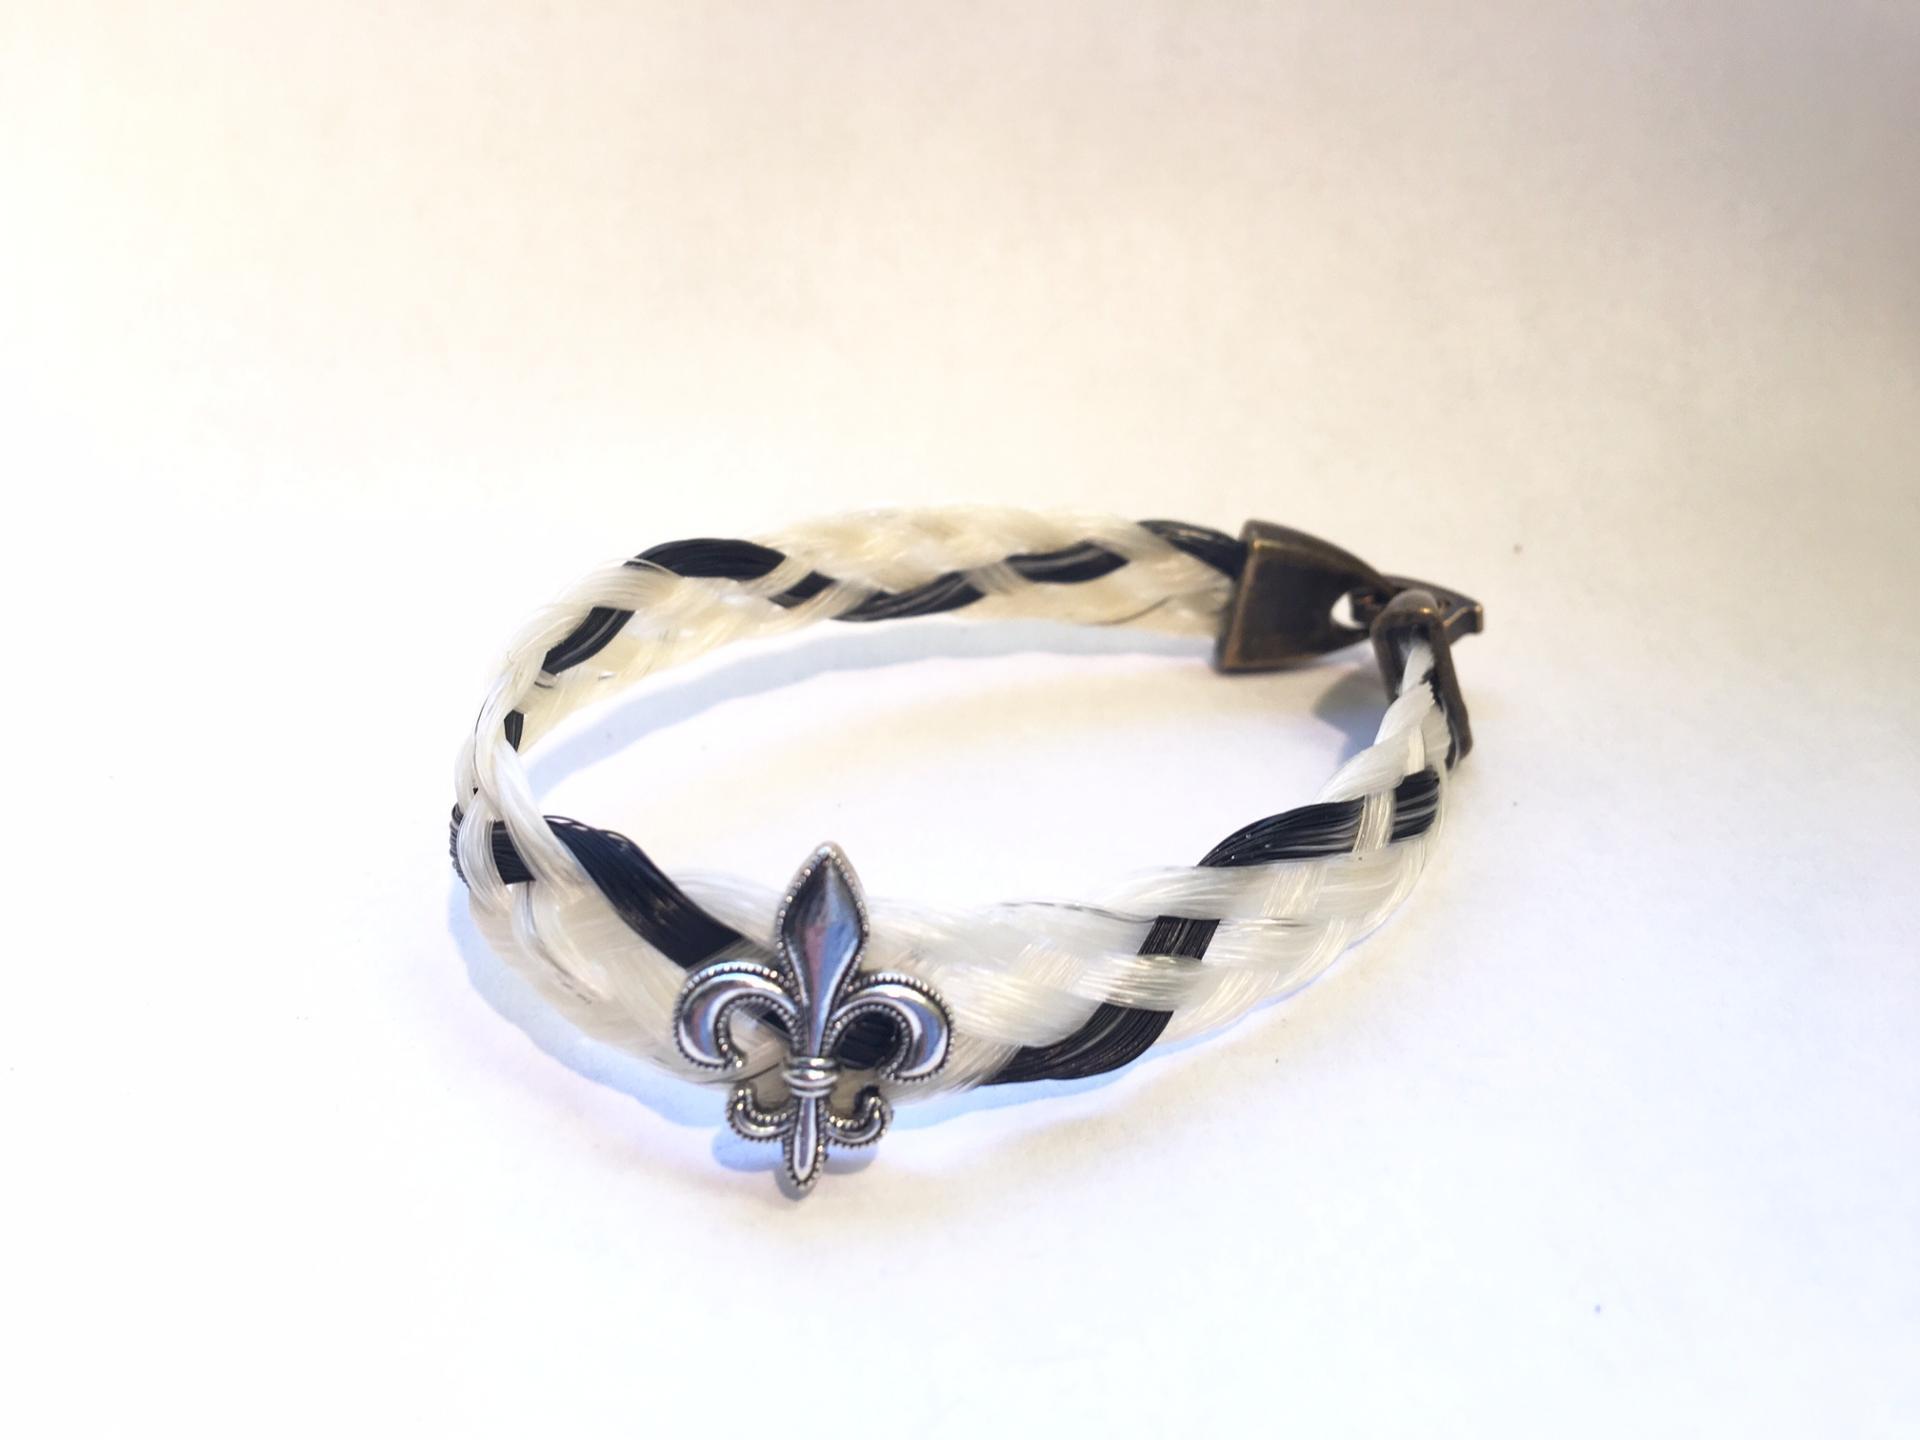 Creation crins cheval bracelet blanc noir fleur de lys plat bronze argent